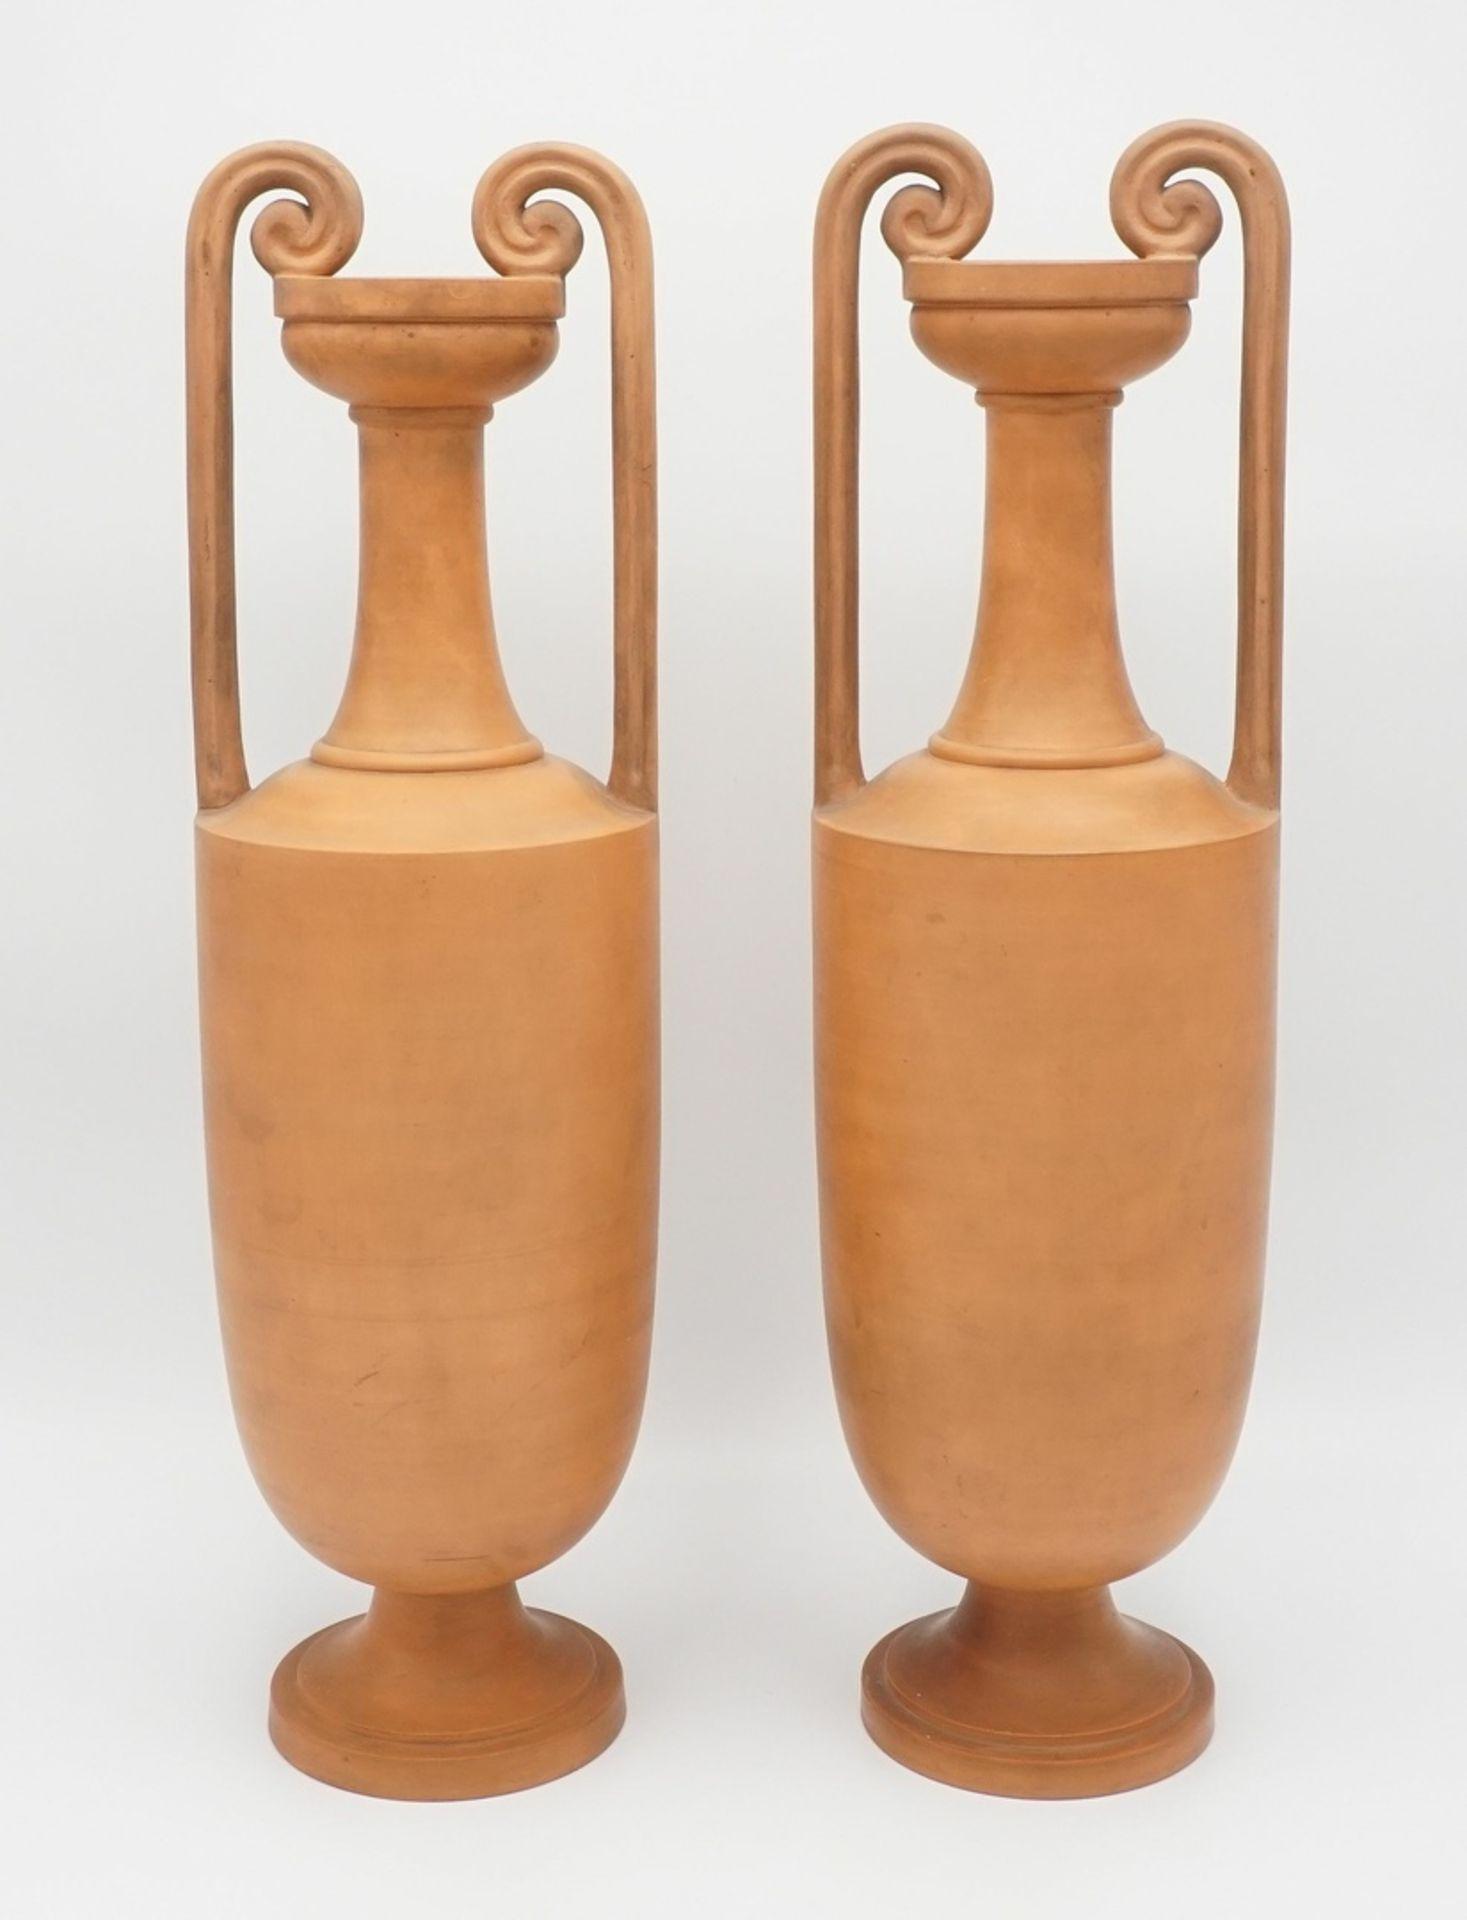 Zwei P. Ipsen´s Enke Kgl. Hof-Terracotta-Fabrik Amphorenvasen, um 1890 - Bild 2 aus 4